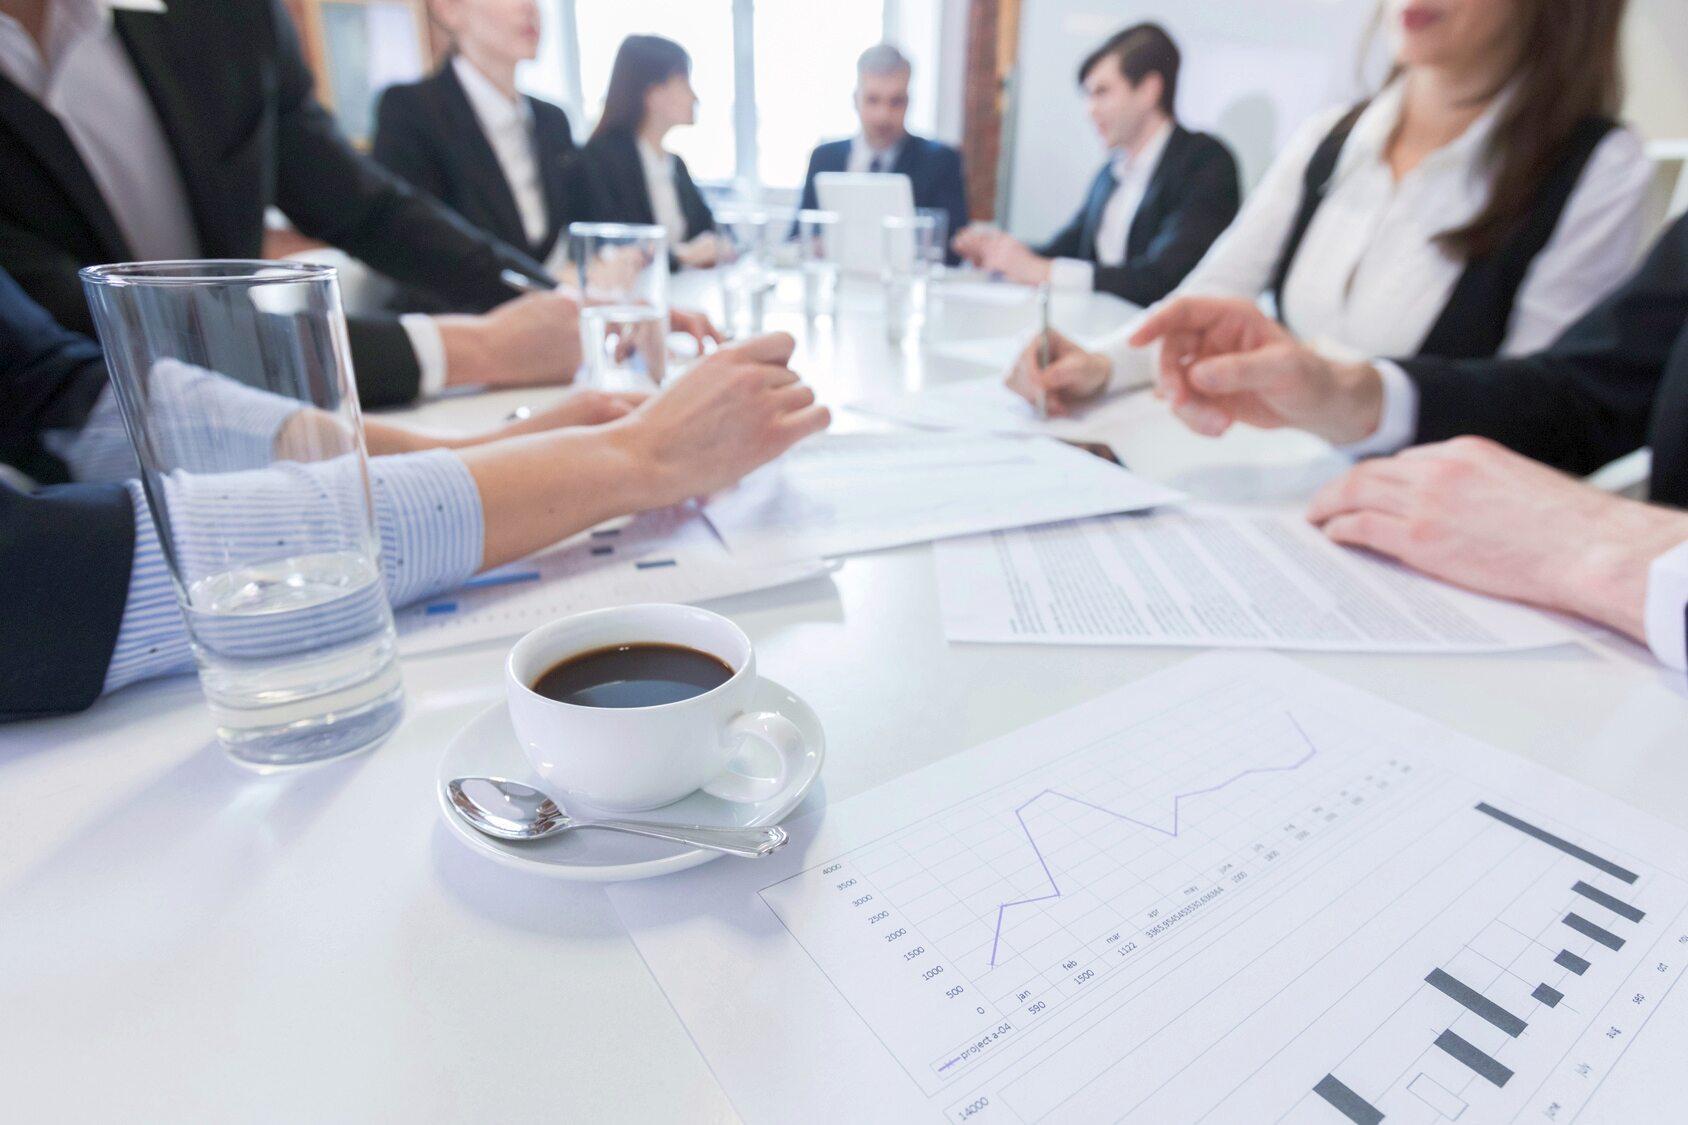 Spotkanie biznesowe (fot. ilustracyjna)